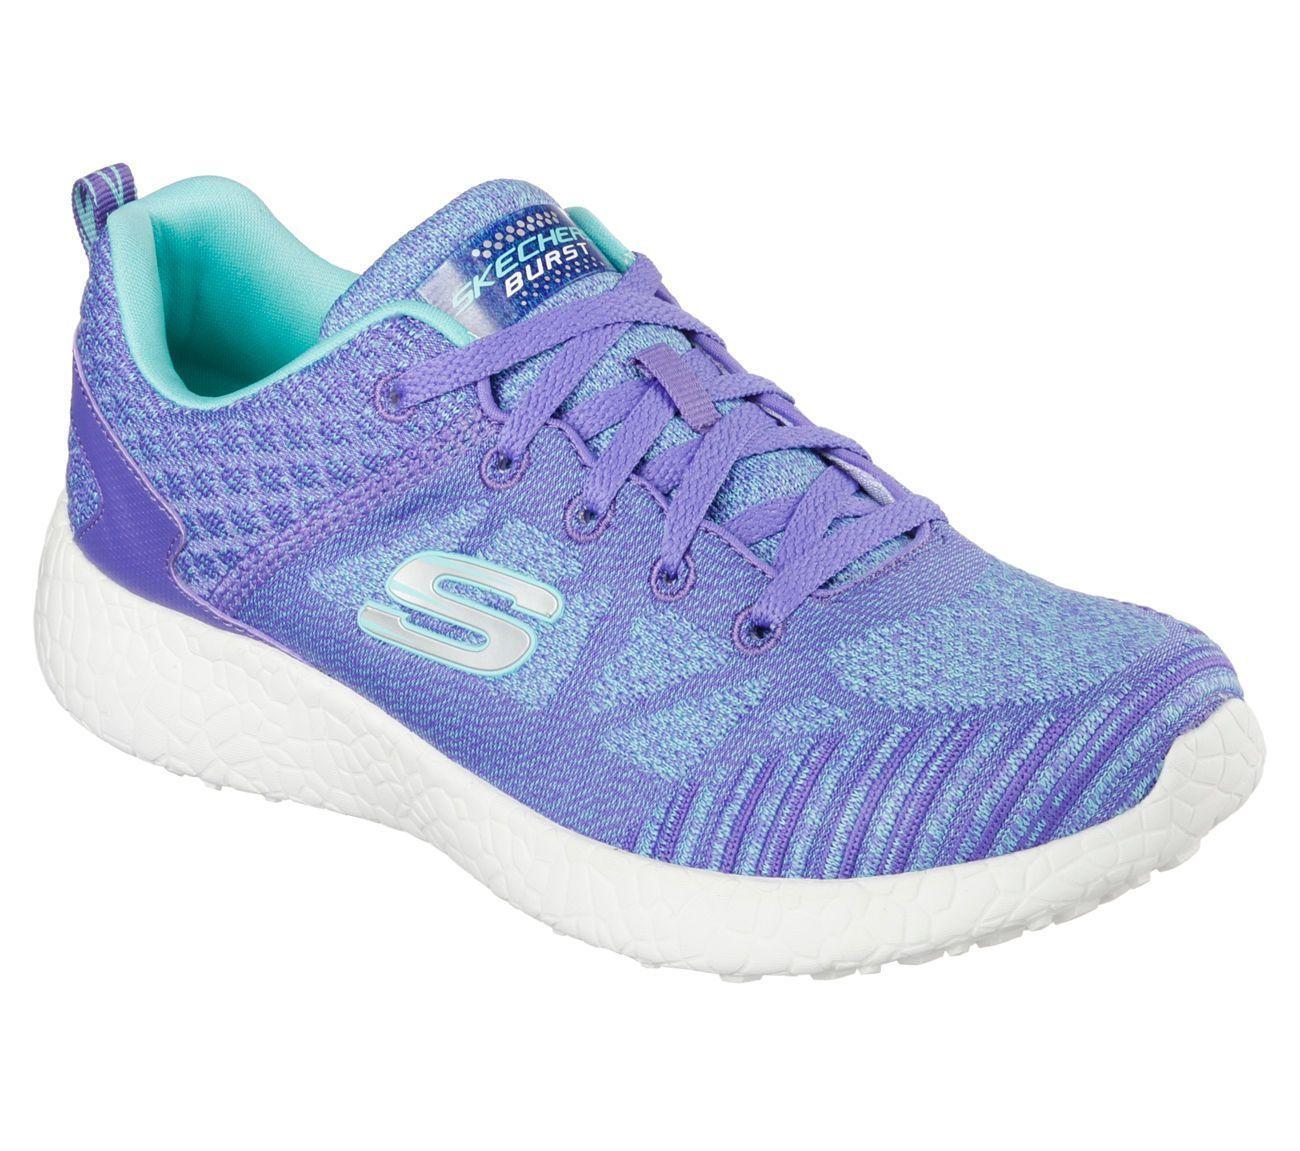 997c07bde87d New! Women s Skechers 12790 Burst - Fresh Thinking Athletic Sneaker ...